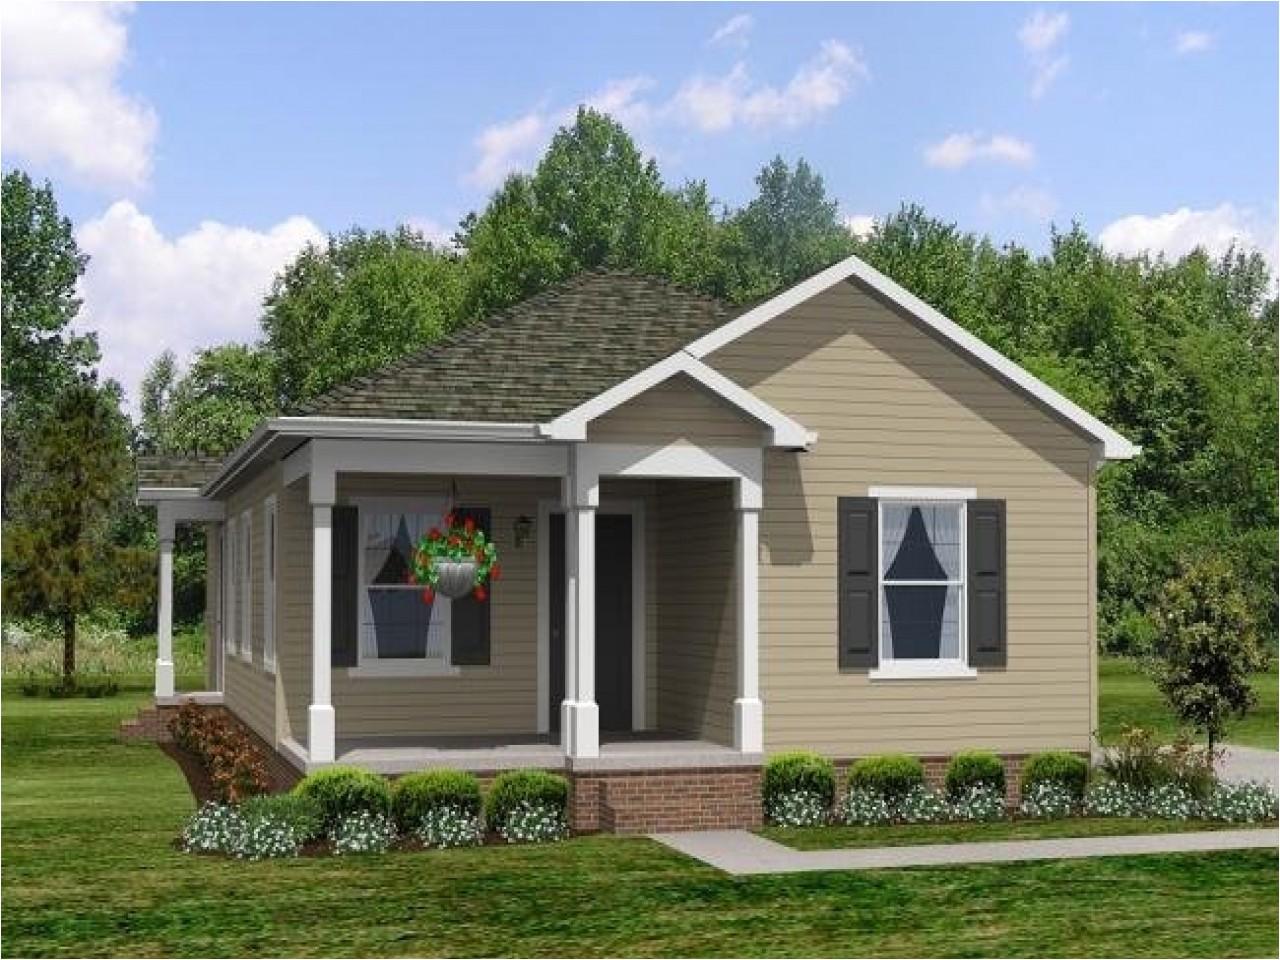 b47c4c96364ba6ec simple small house floor plans cute small house plan